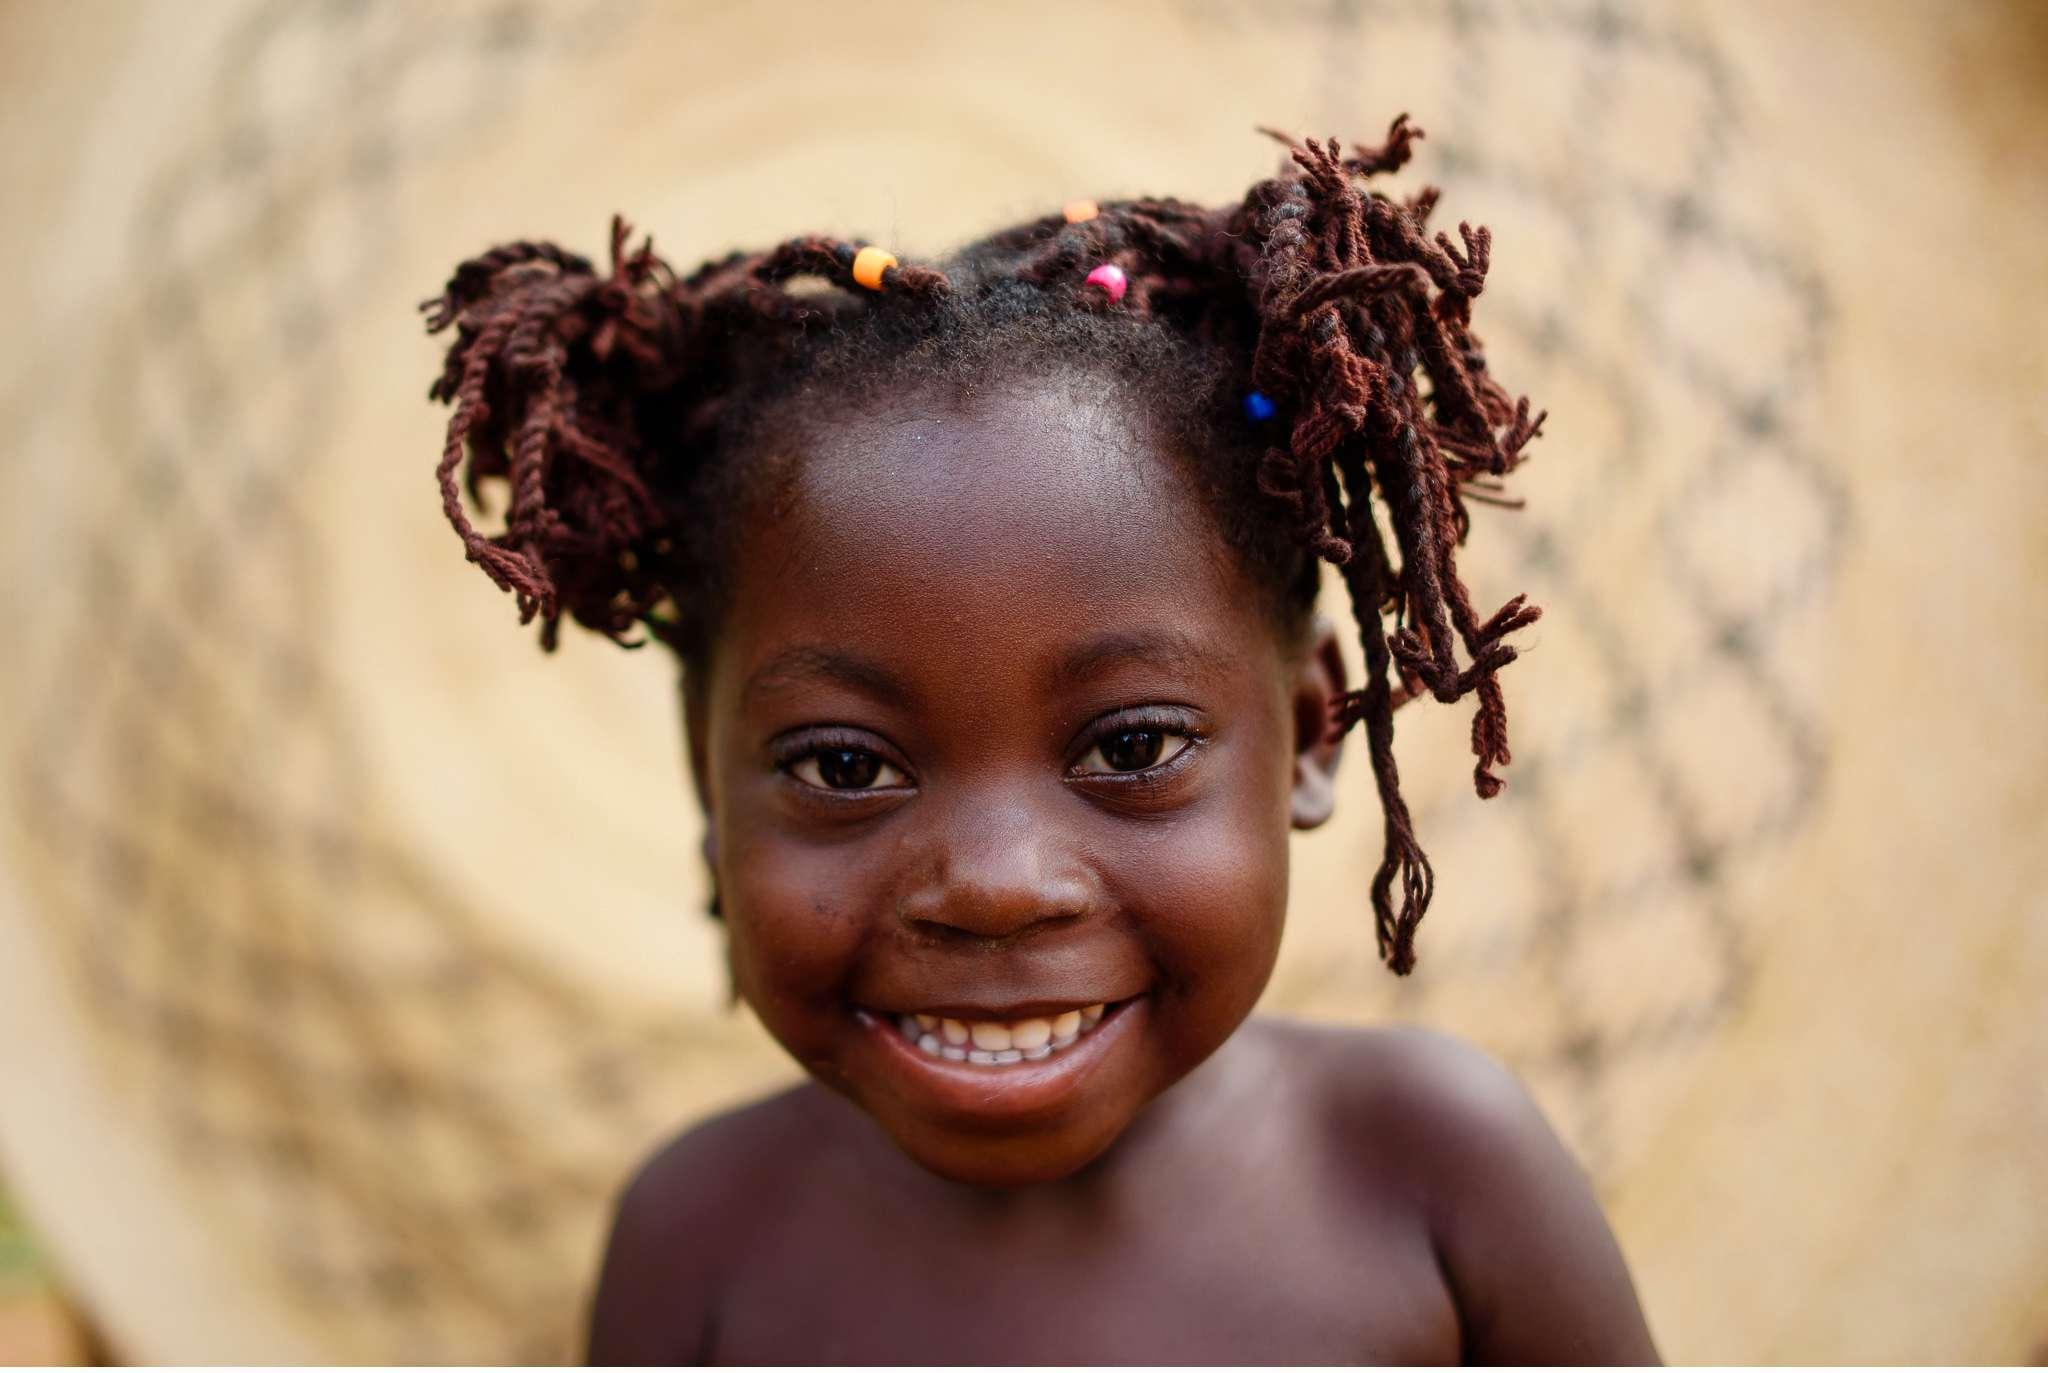 Malawi-Quer durch Afrika- Geschichten von unterwegs by Marion and Daniel-23